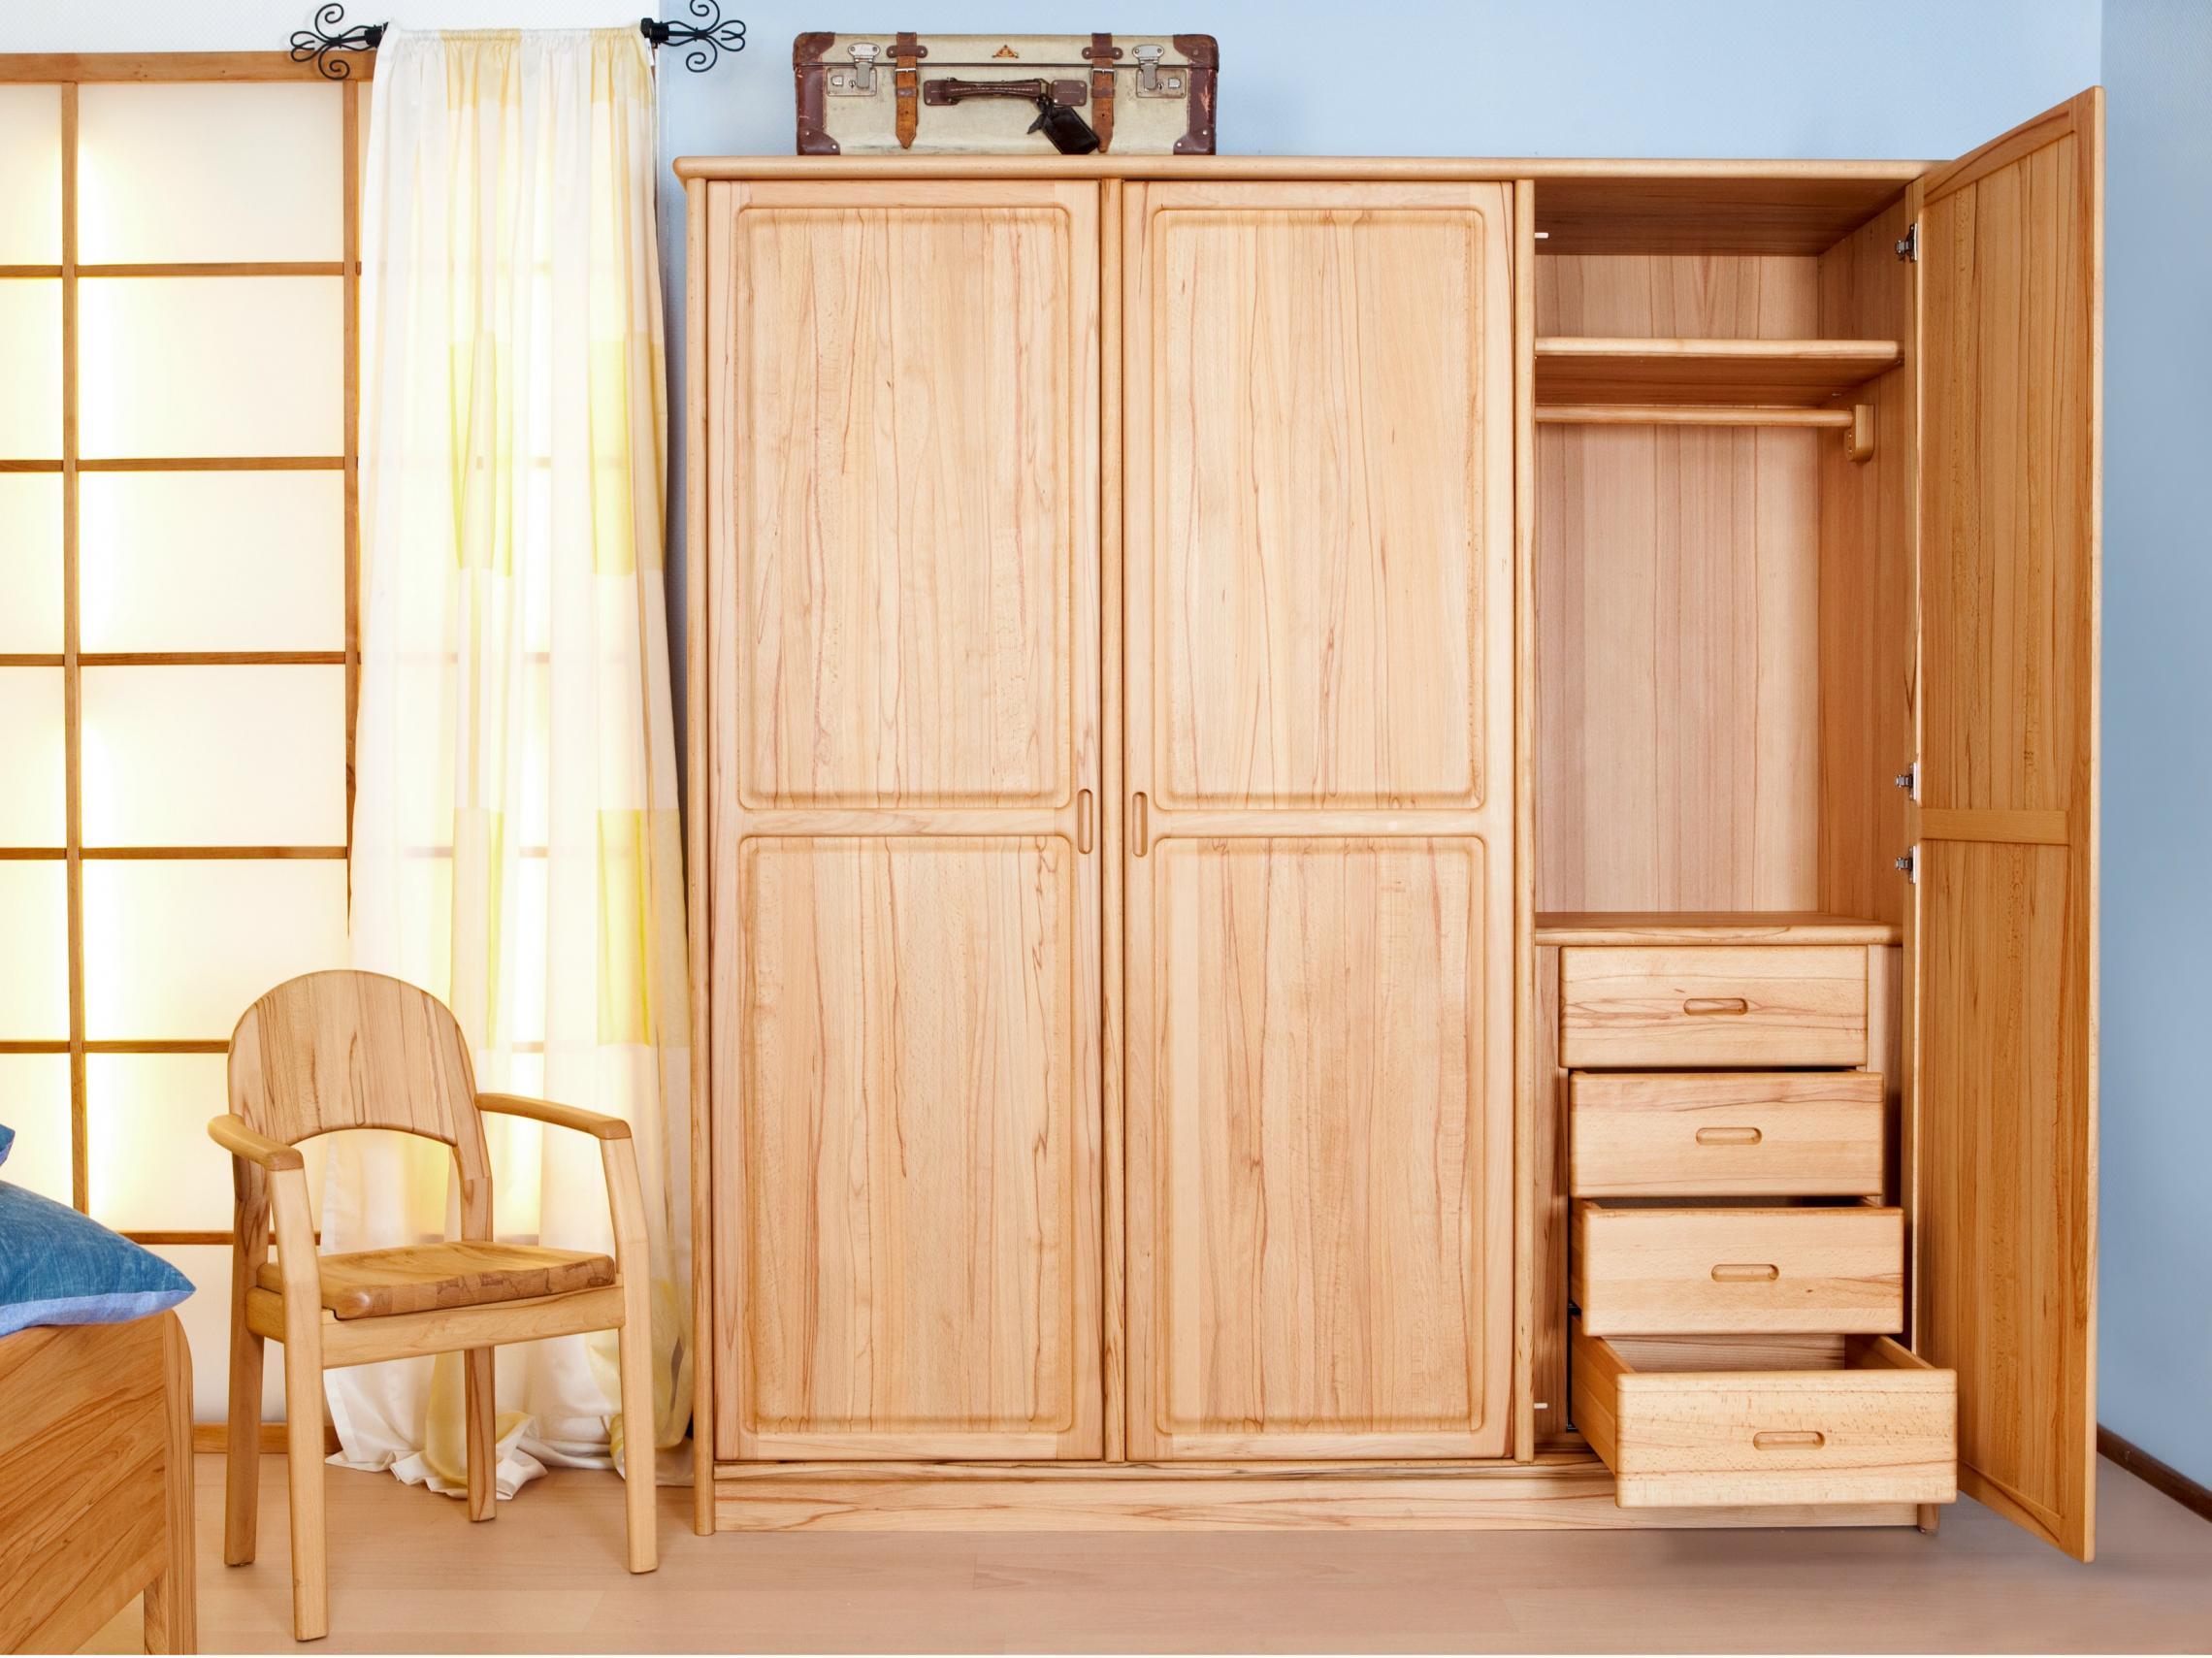 صورة غرف ملابس خشب طبيعي